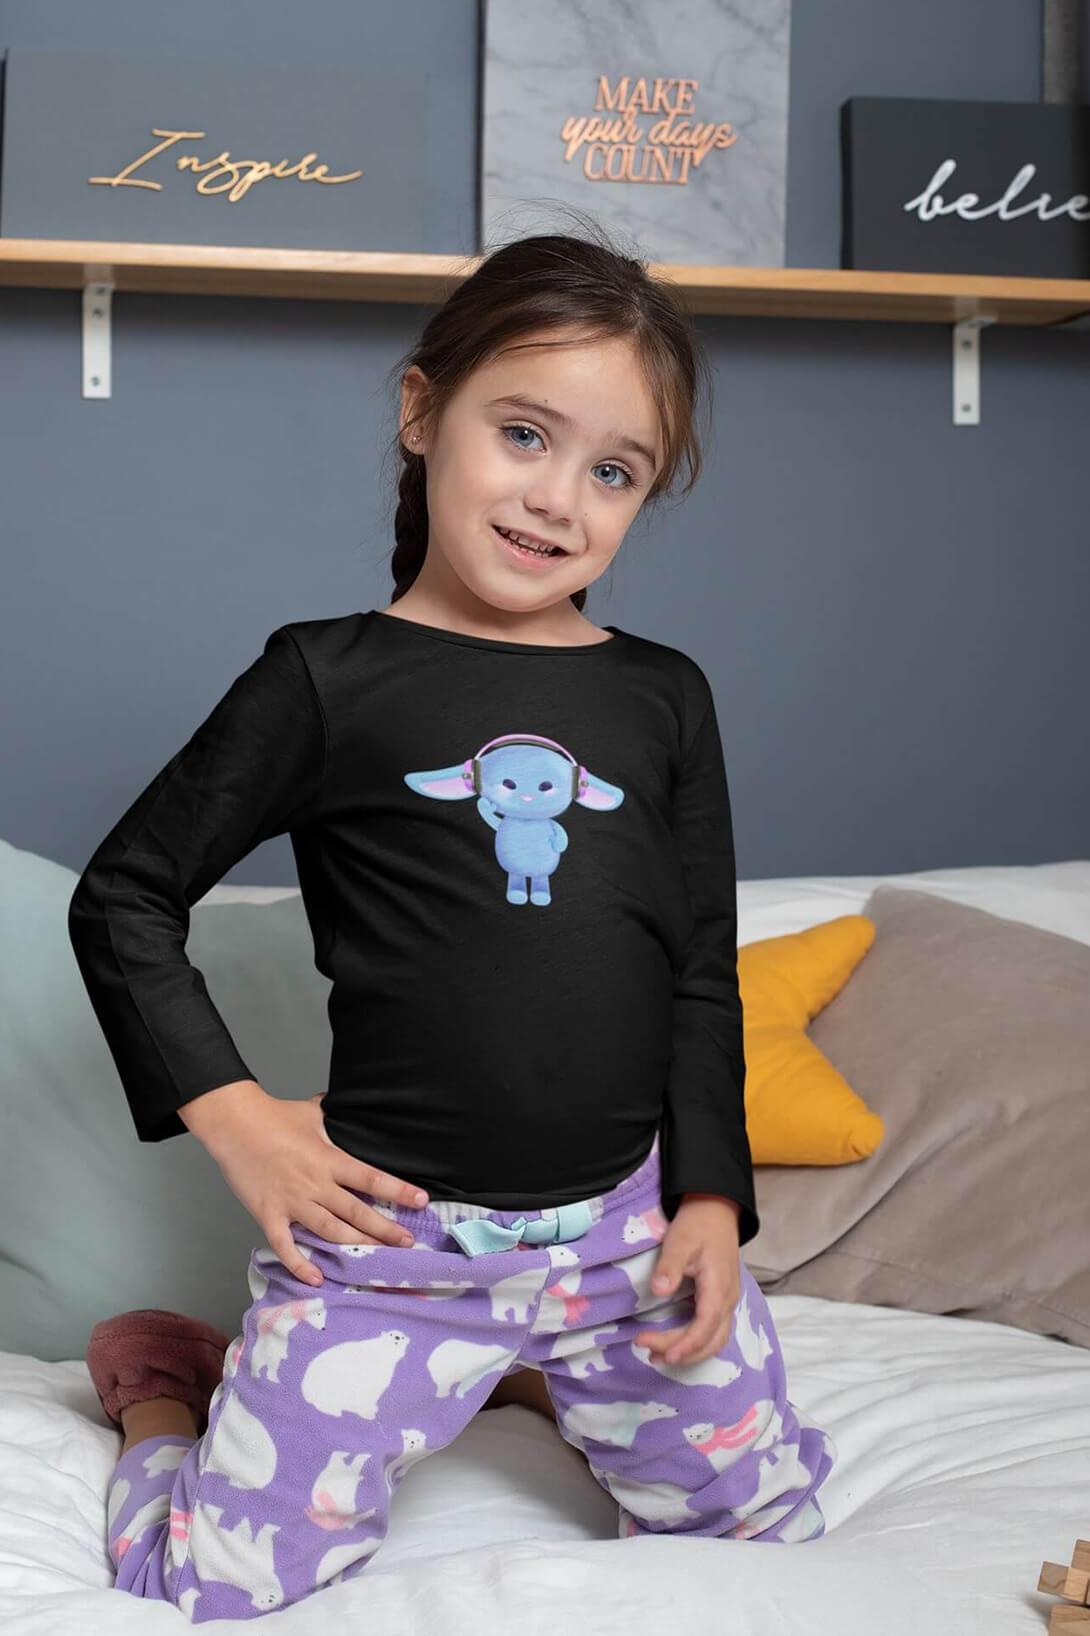 MMO Detské tričko s dlhým rukávom Zajac so slúchadlami Vyberte farbu:: Čierna, Detská veľkosť: 146/10 rokov